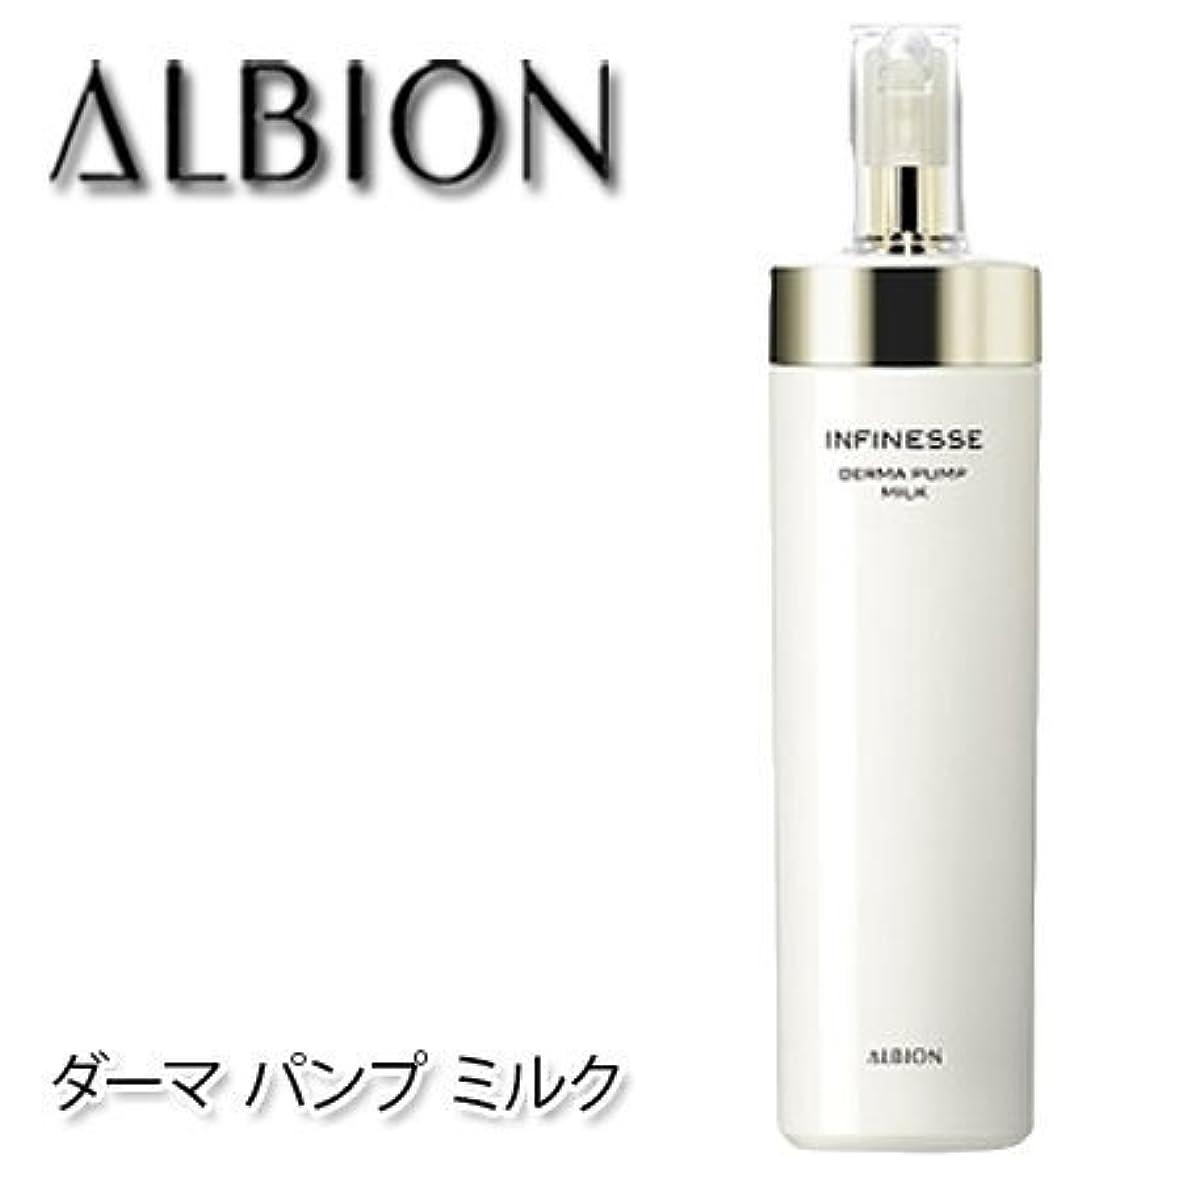 火新着文庫本アルビオン アンフィネス ダーマ パンプ ミルク 200g-ALBION-